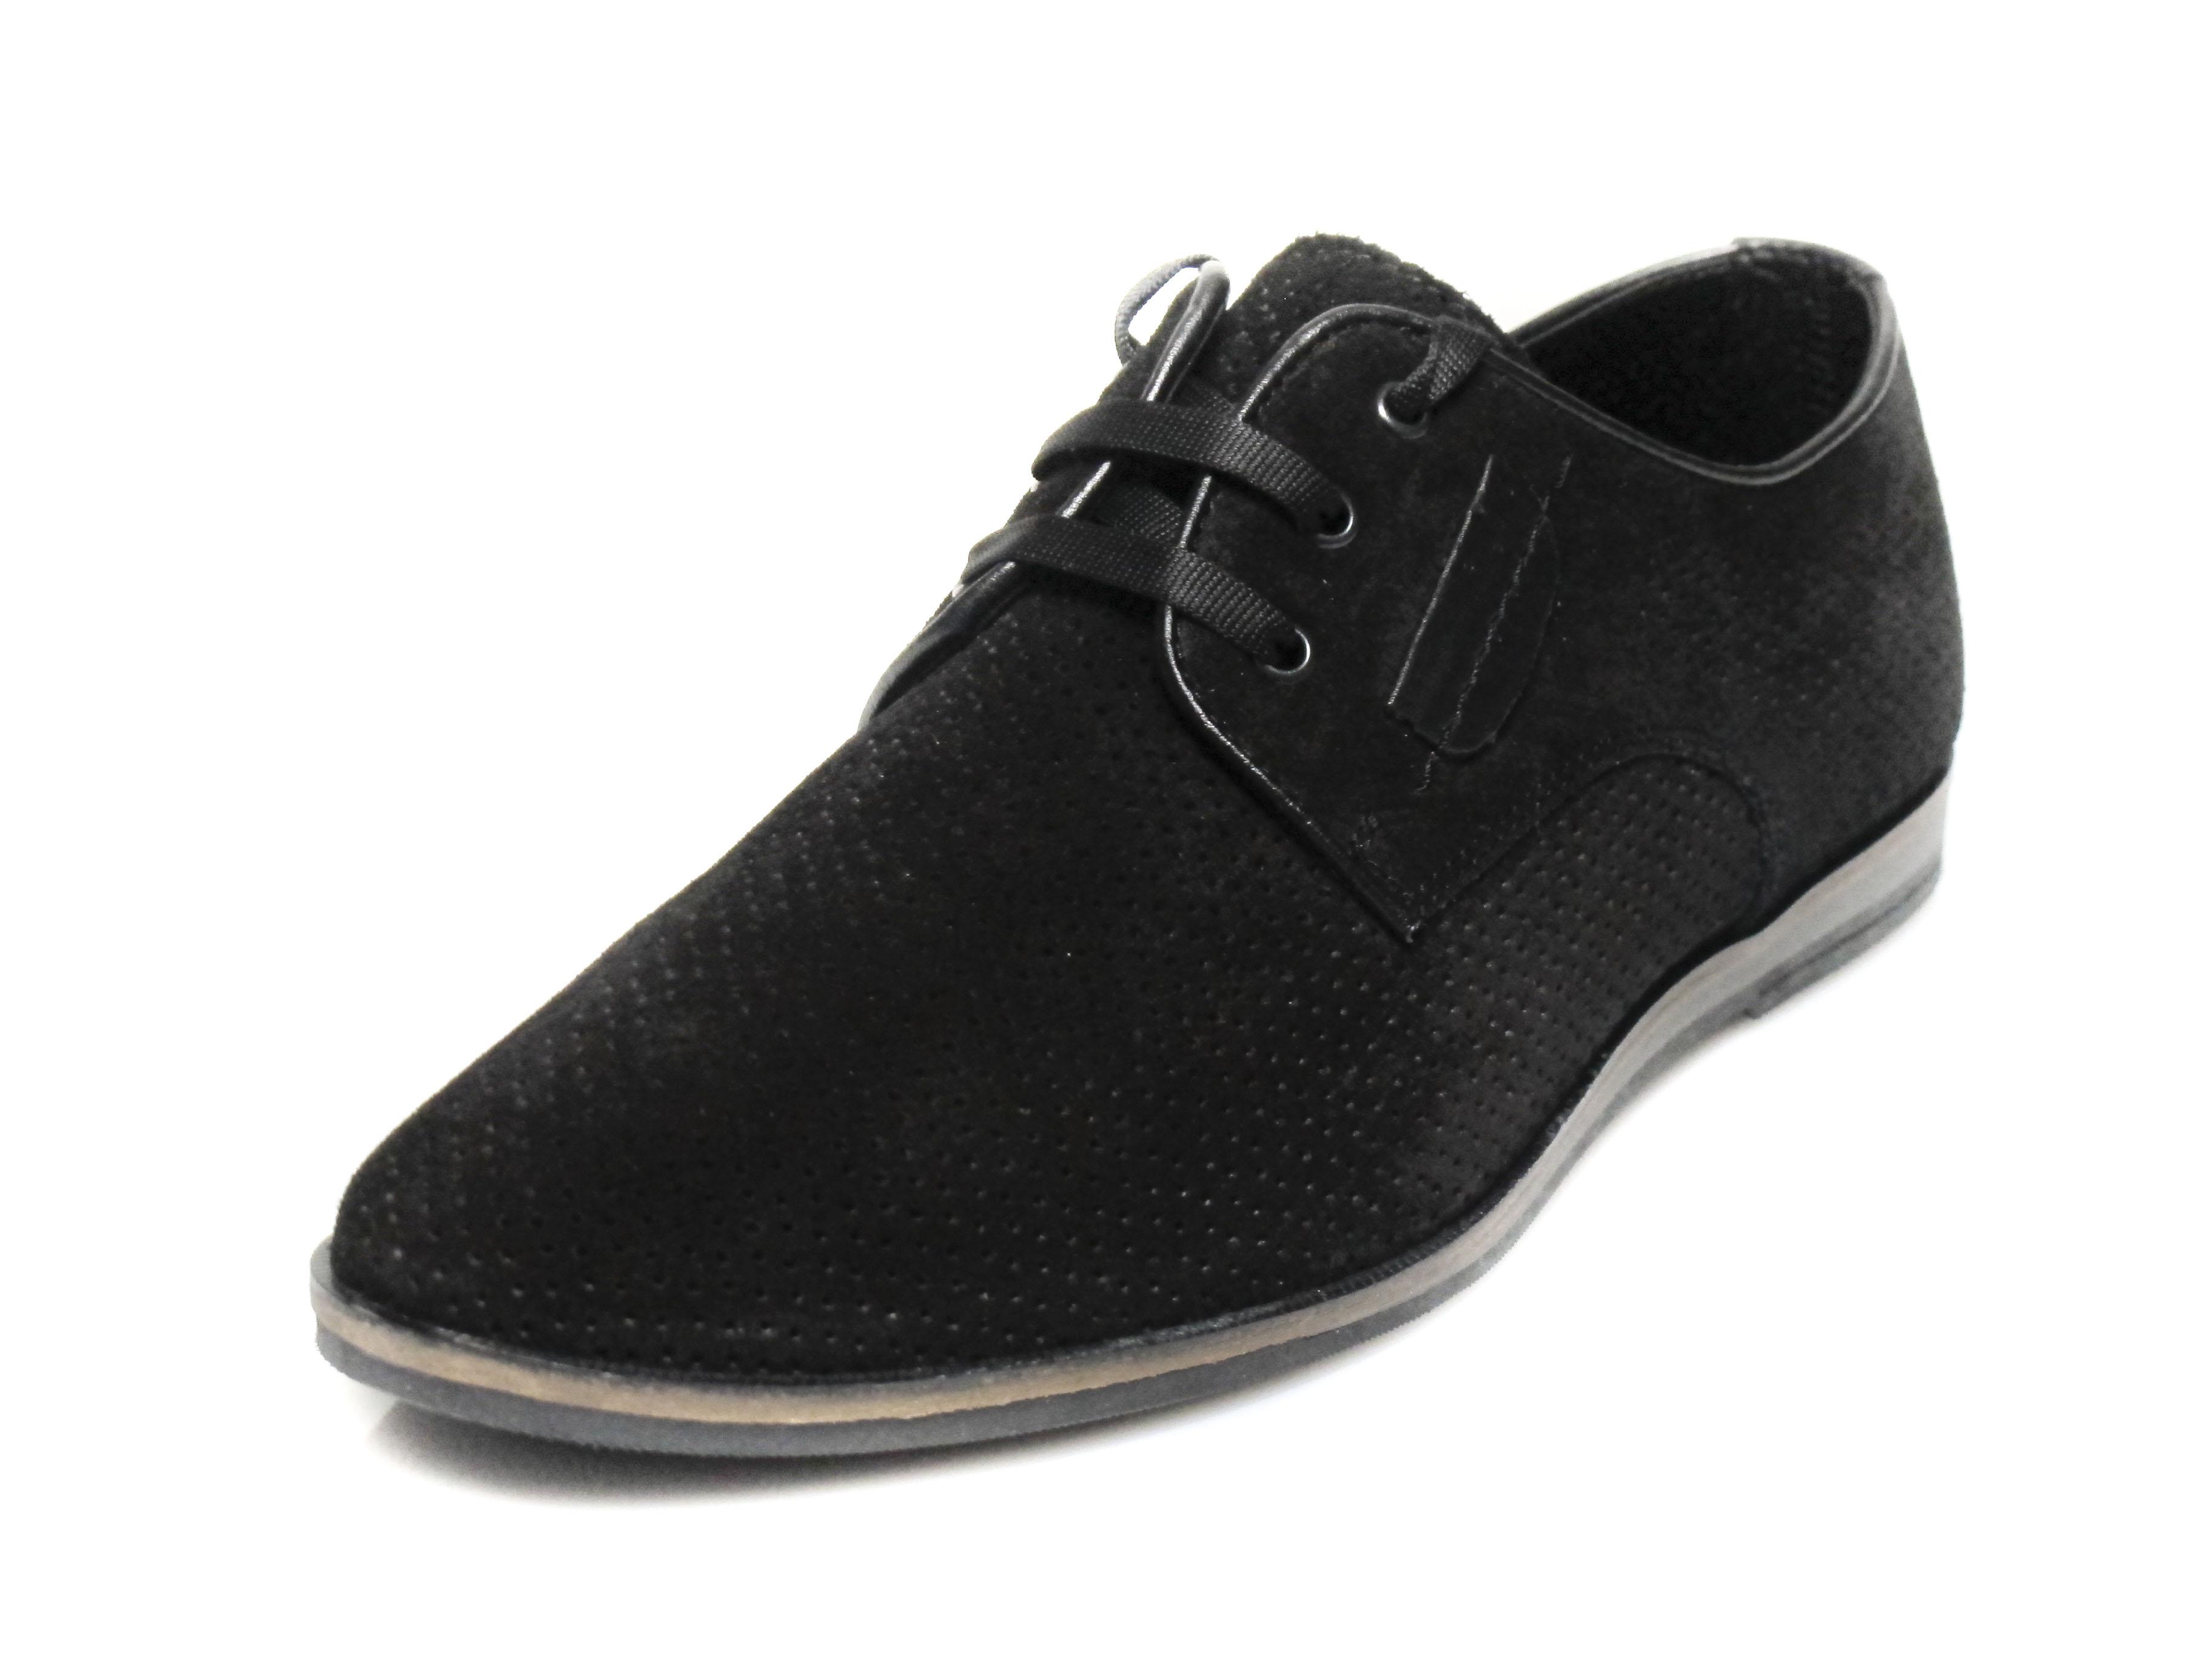 be62768f1c2 Мъжки обувки естествен велур 127-8787 | Спортно елегантни обувки онлайн